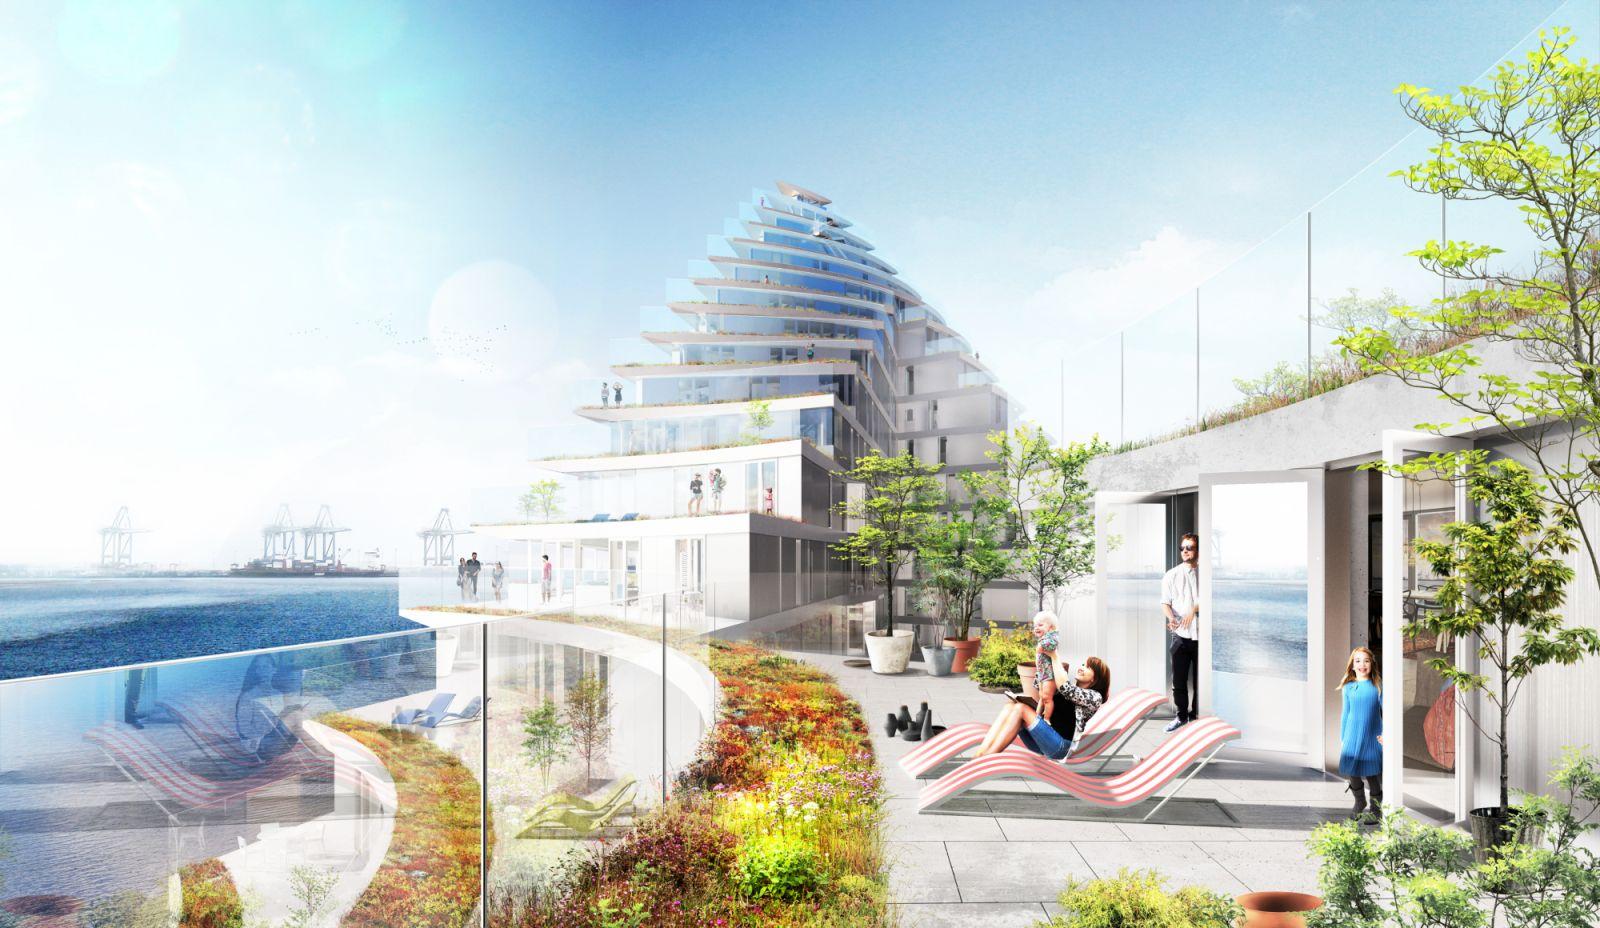 new urban development of Aarhus